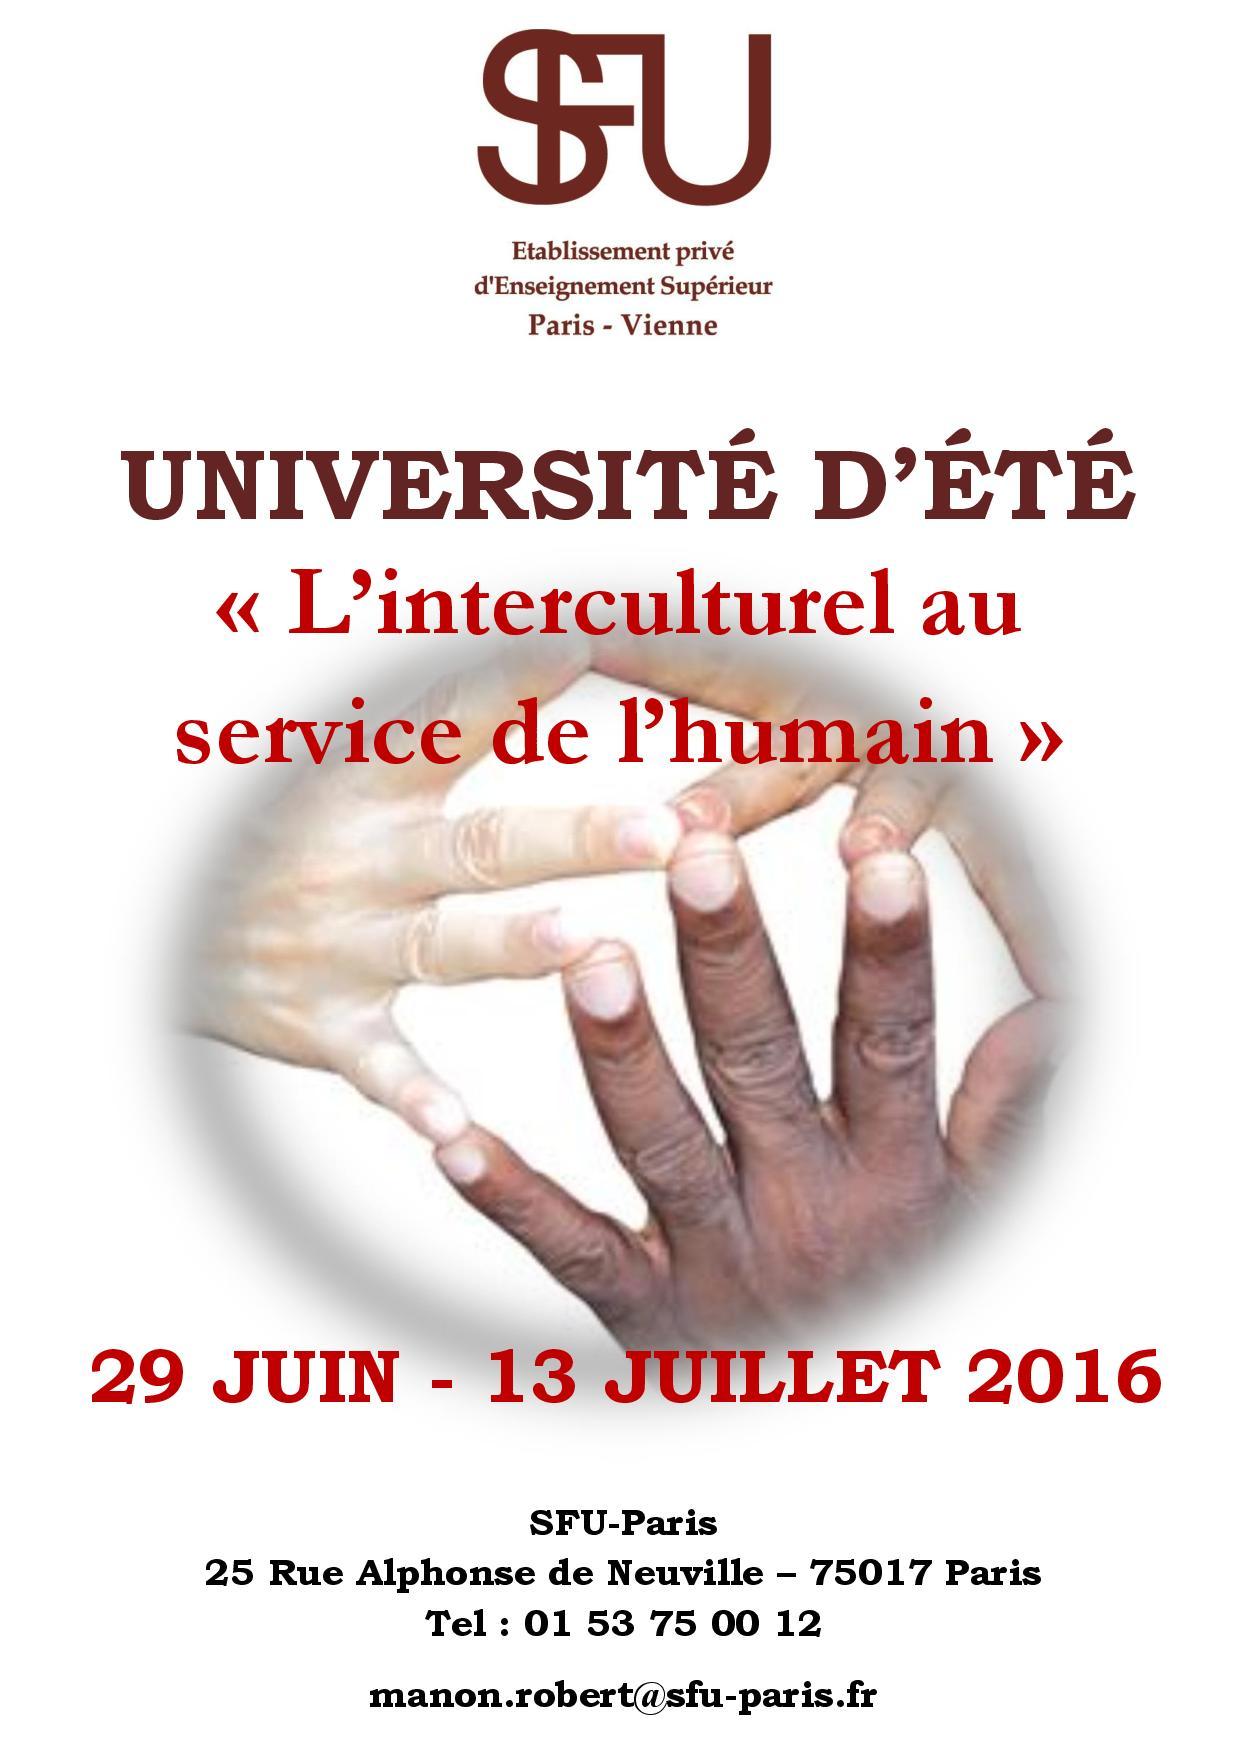 Université d'été 2016